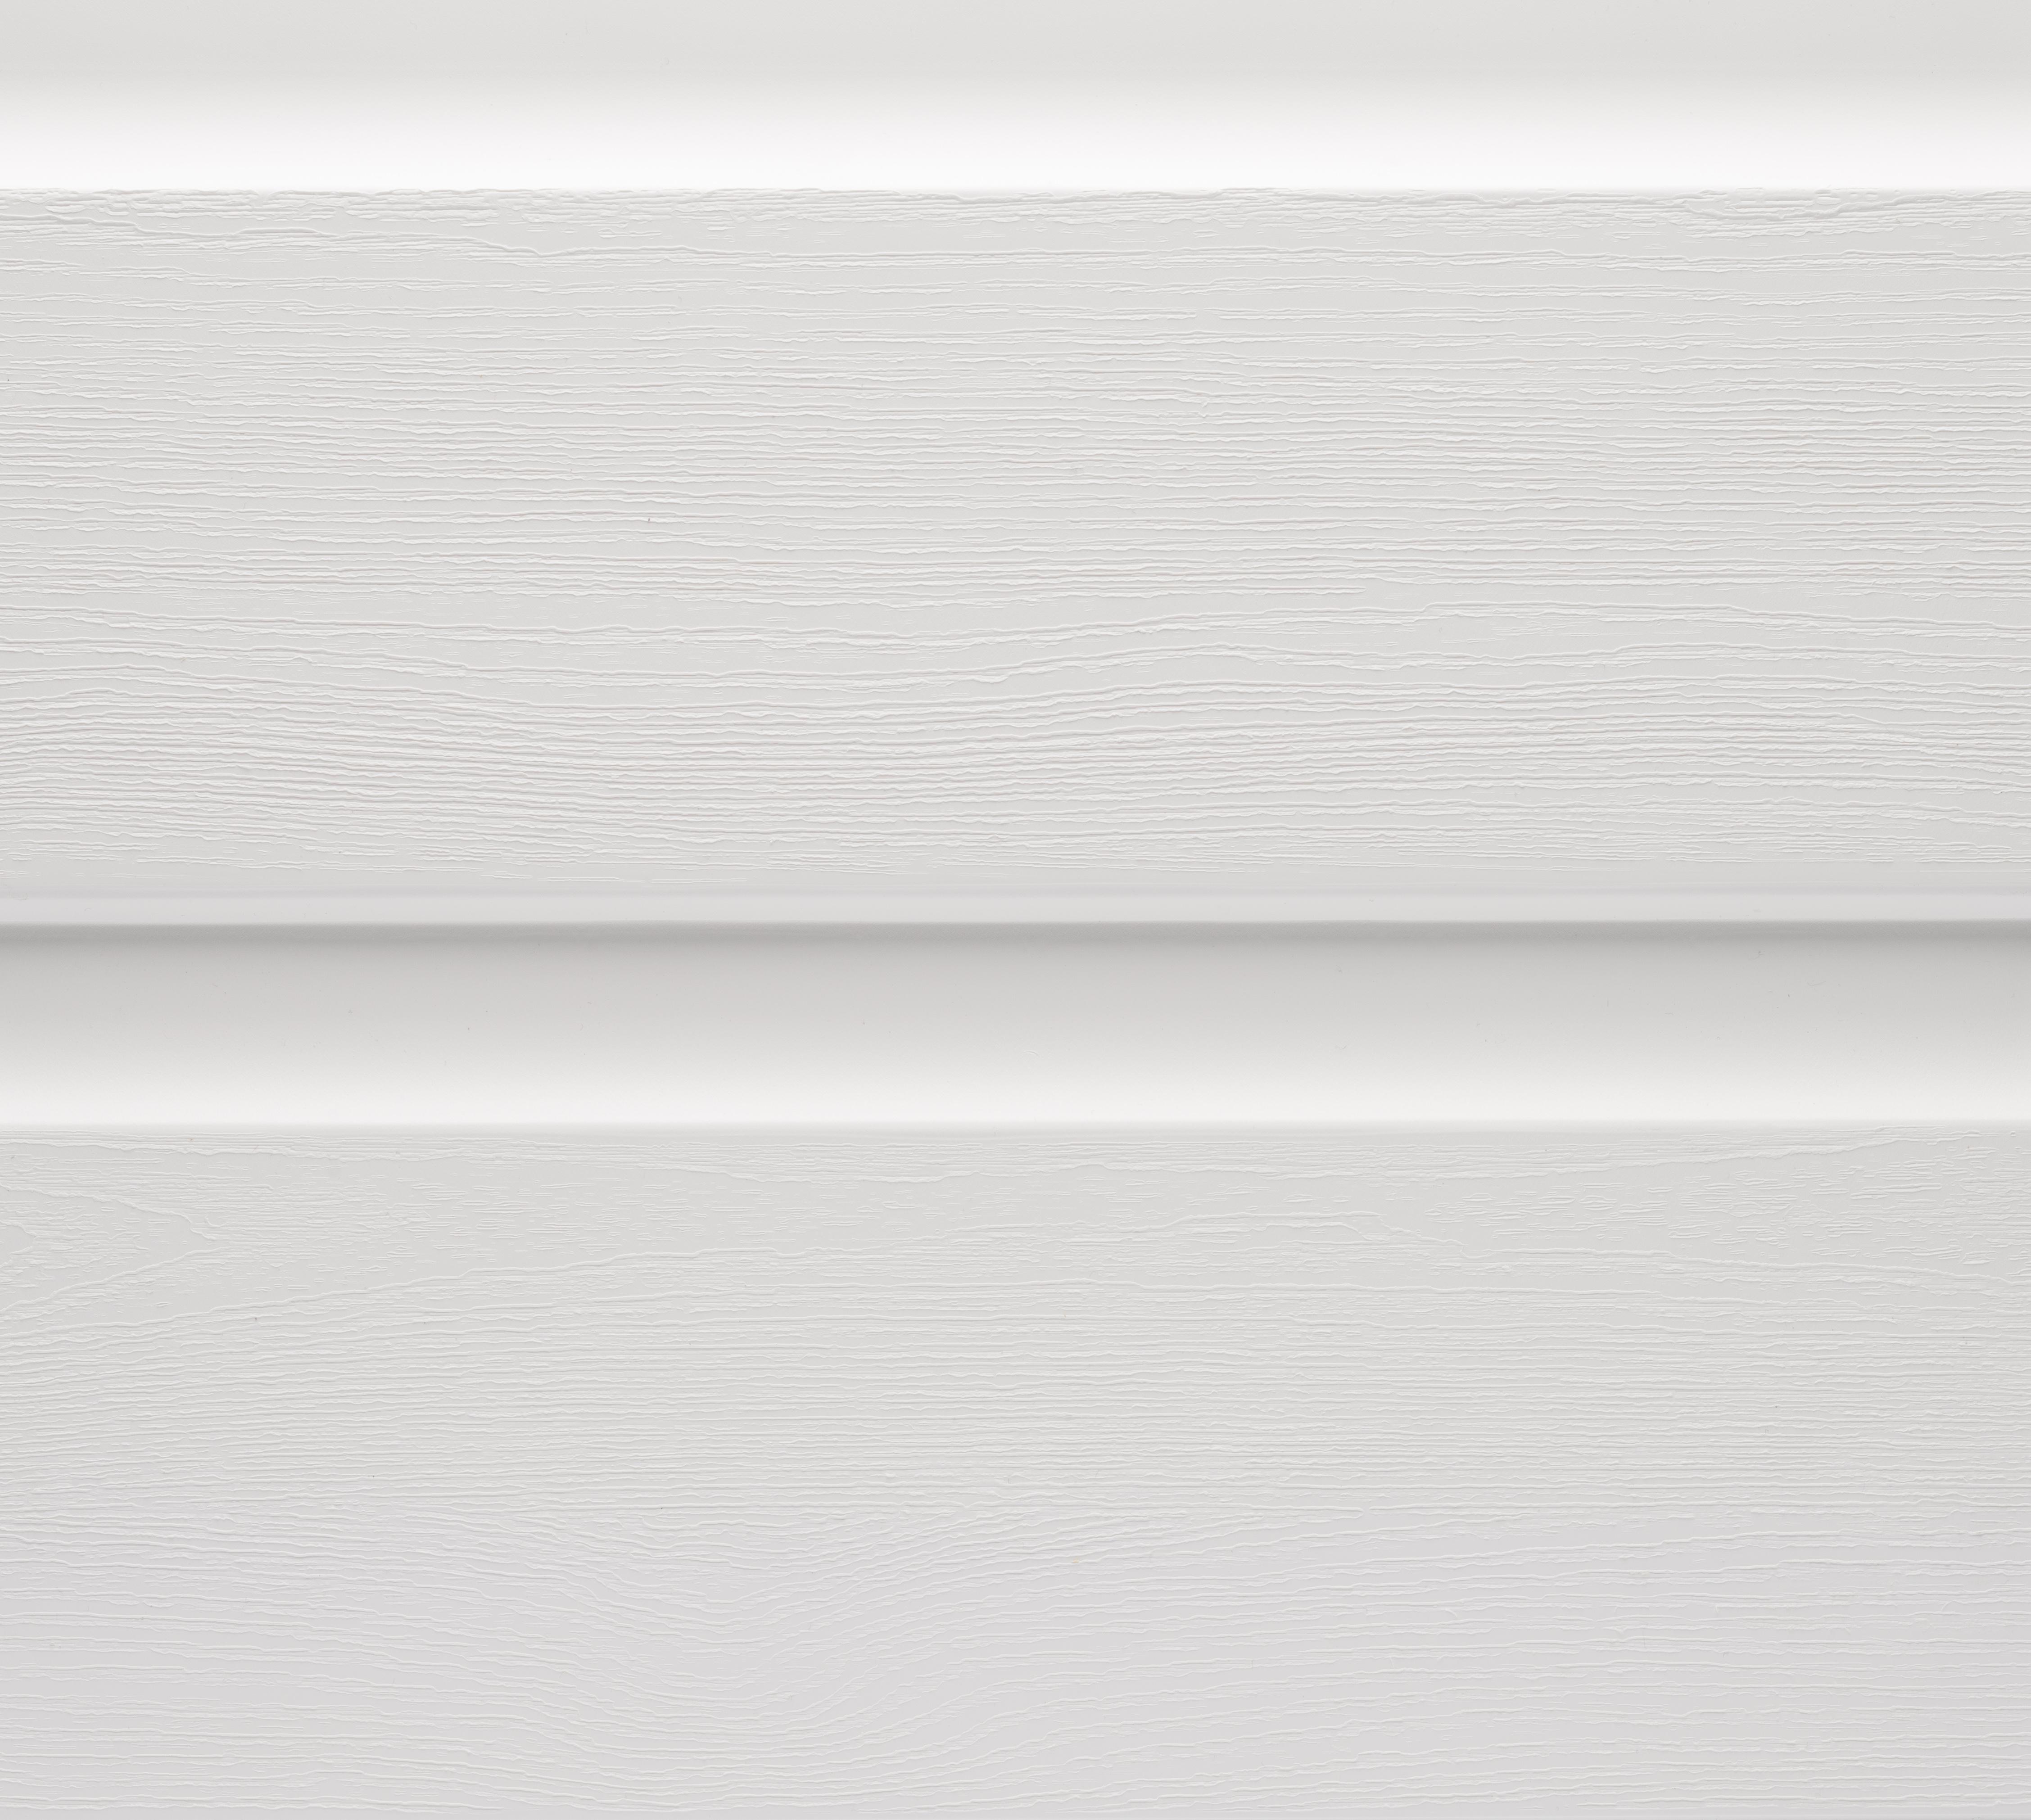 AIGIS Bardage thermoplastique renforcé de fibres de verre 7x300x4200mm double lame Coloris Clair